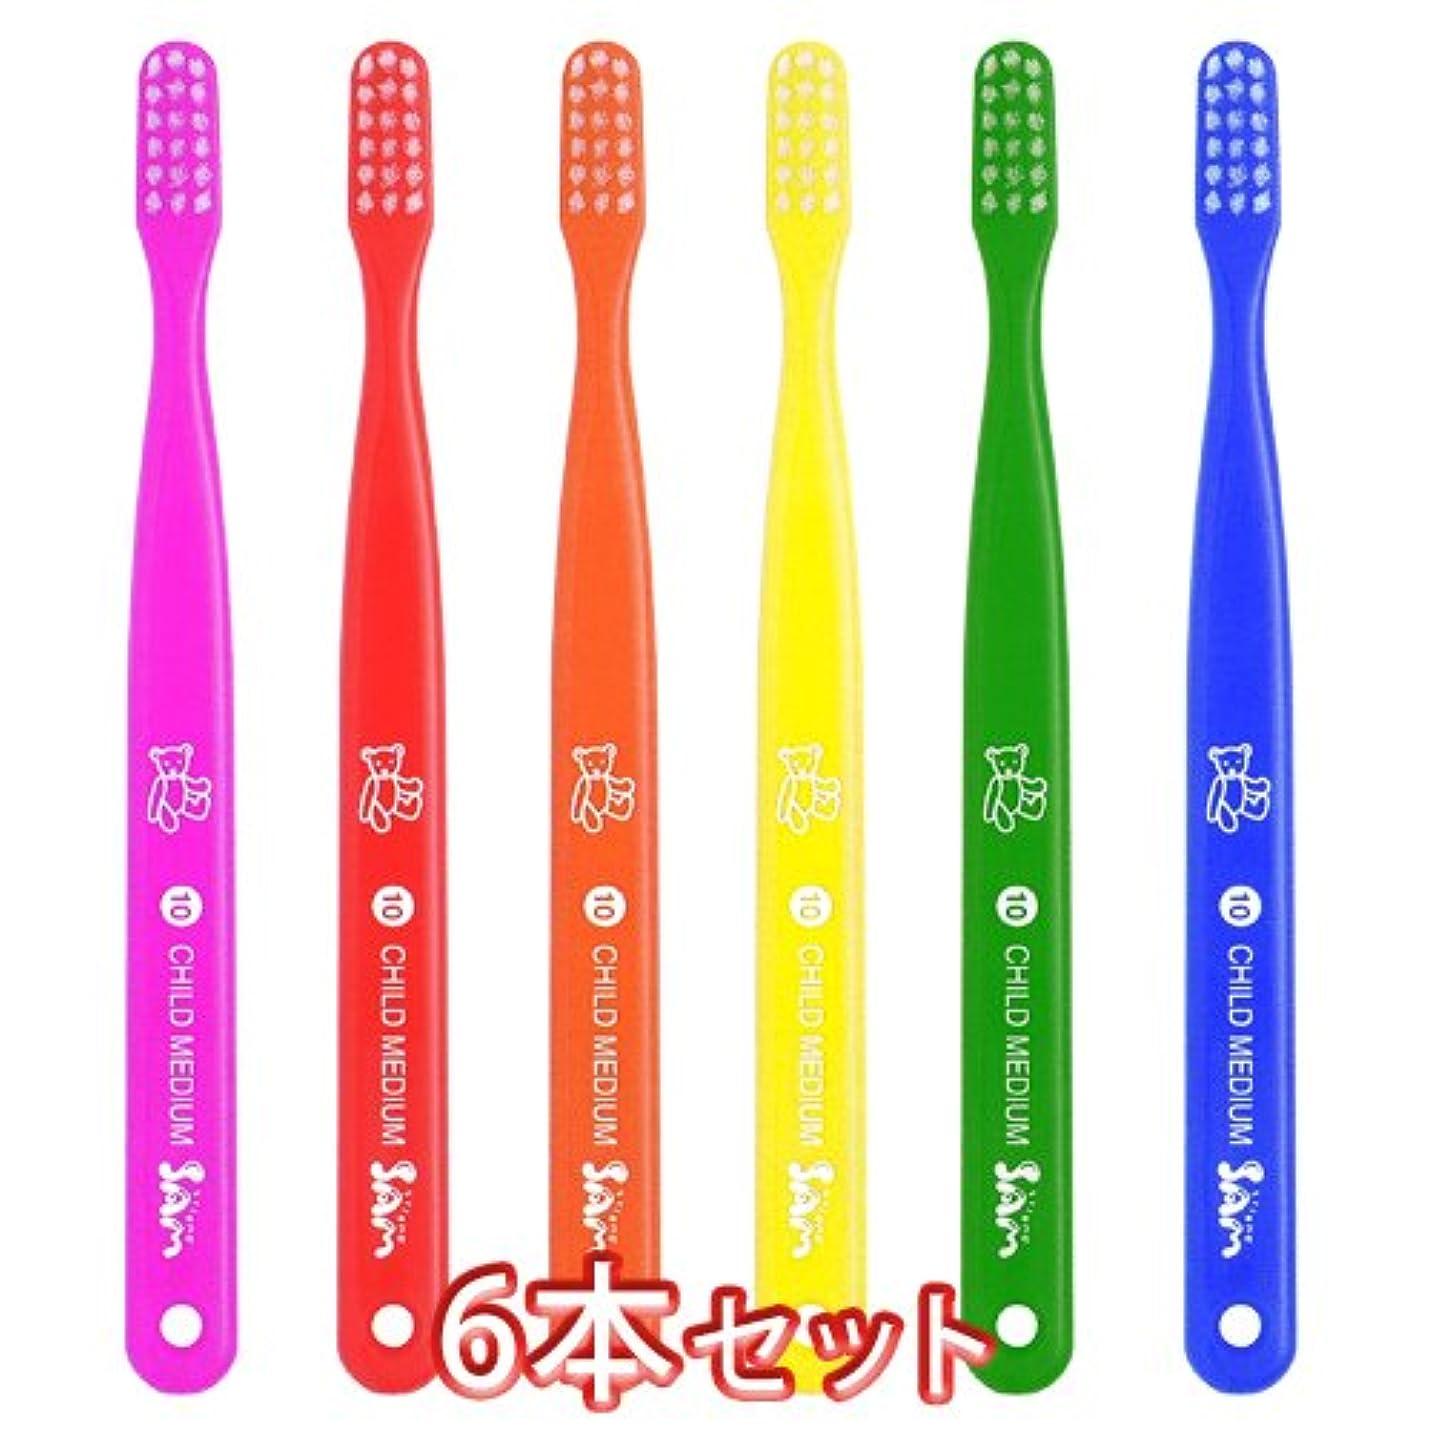 ソース情報エールサムフレンド ベーシック 歯ブラシ × 6本 アソート (10)